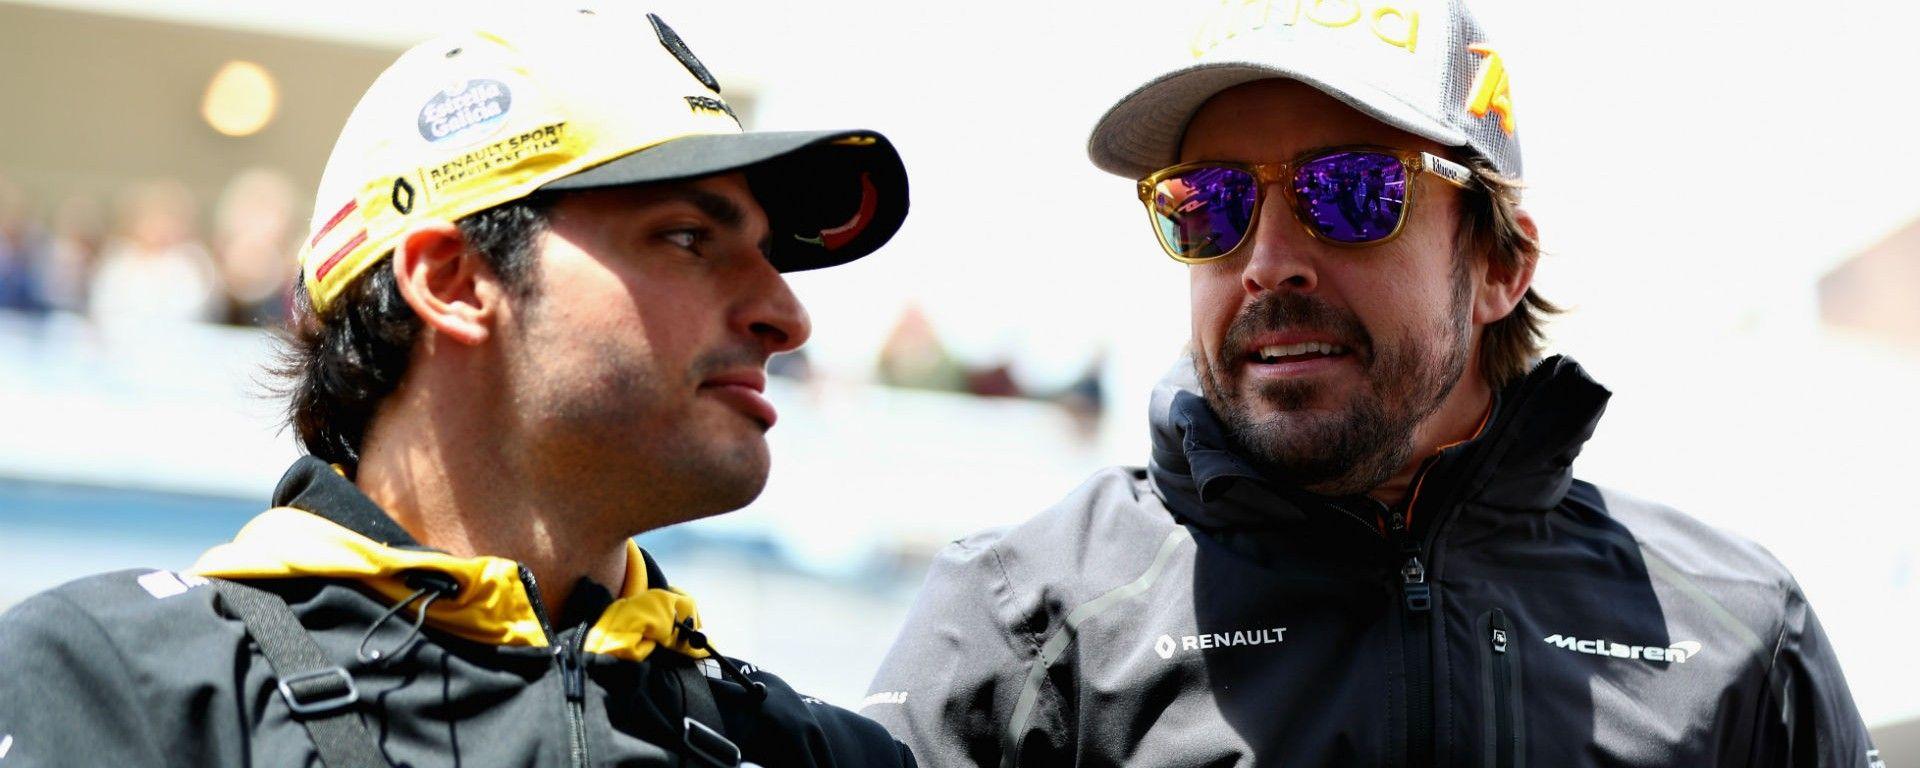 F1 2019: Sainz in McLaren al posto di Alonso. In Ferrari resta Raikkonen